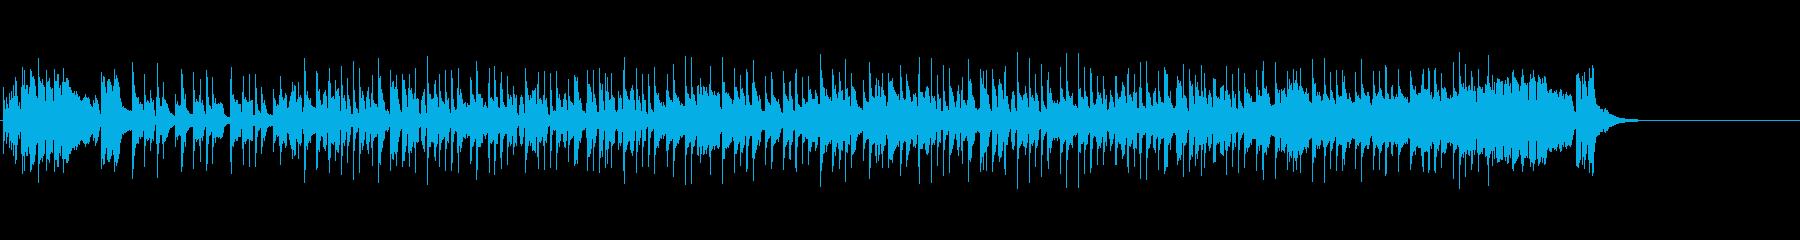 インパクトの強いフュージョン・サウンドの再生済みの波形